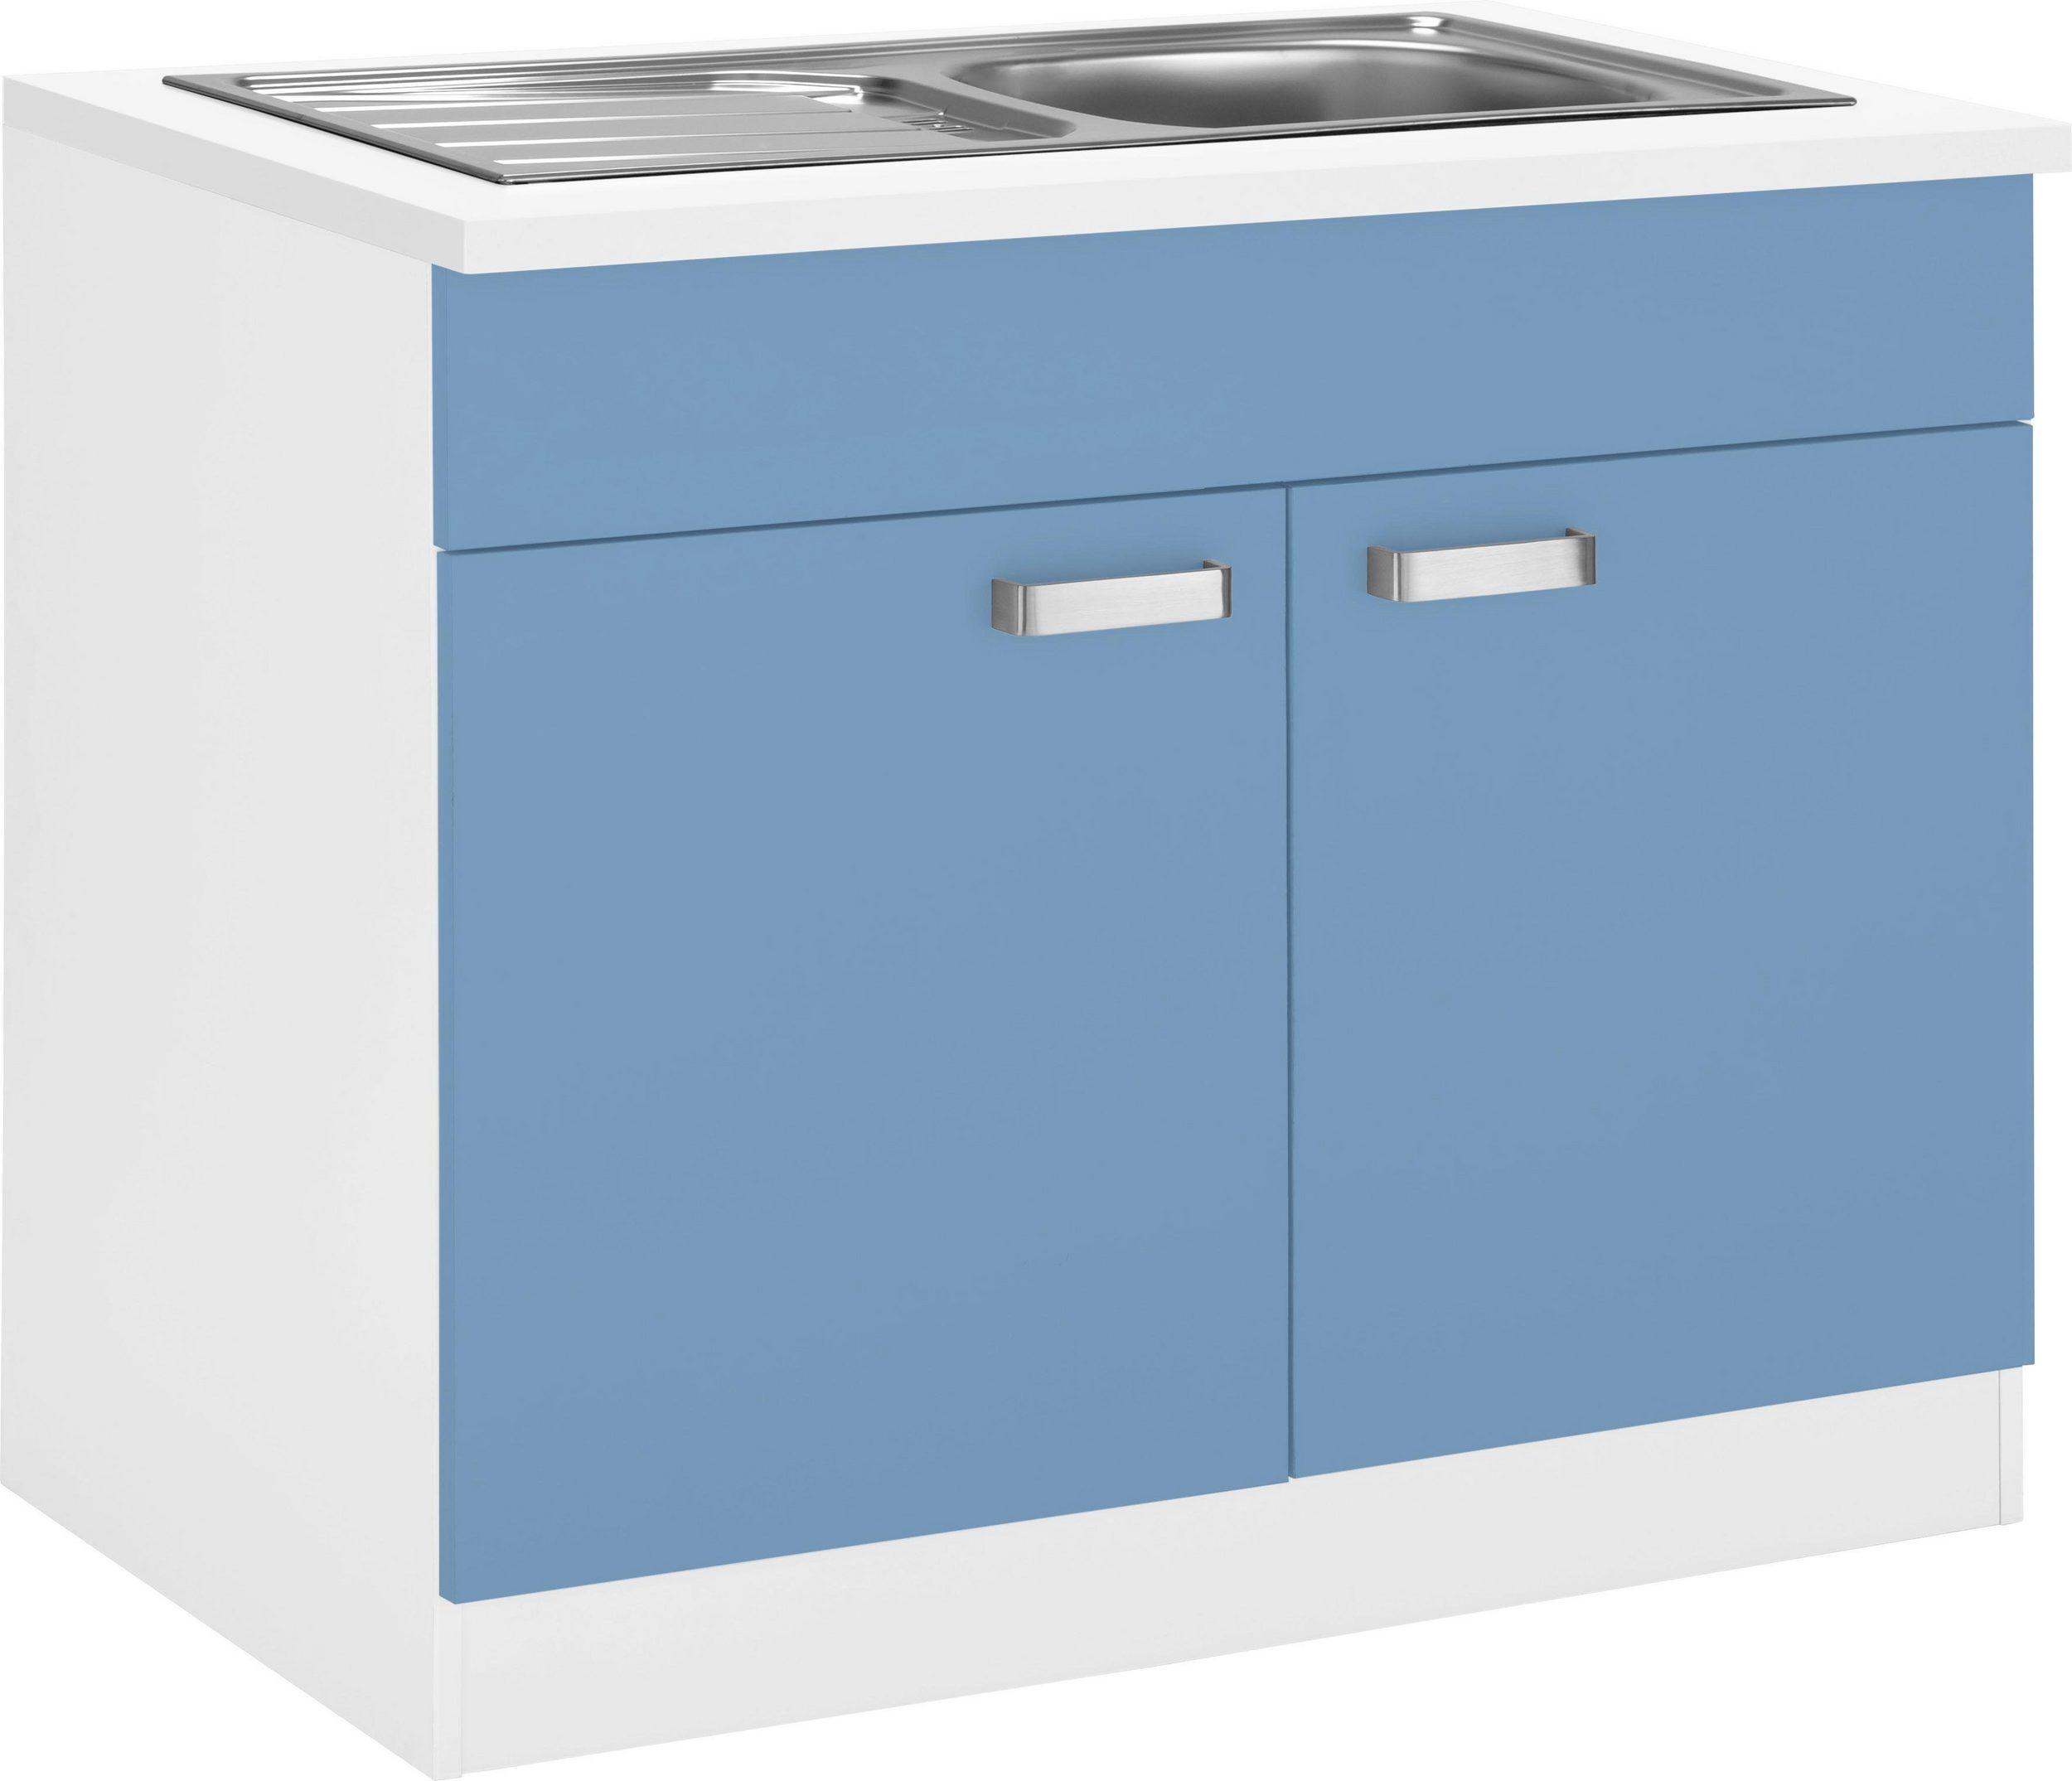 wiho Küchen Spülenschrank HUSUM - wiho Küchen